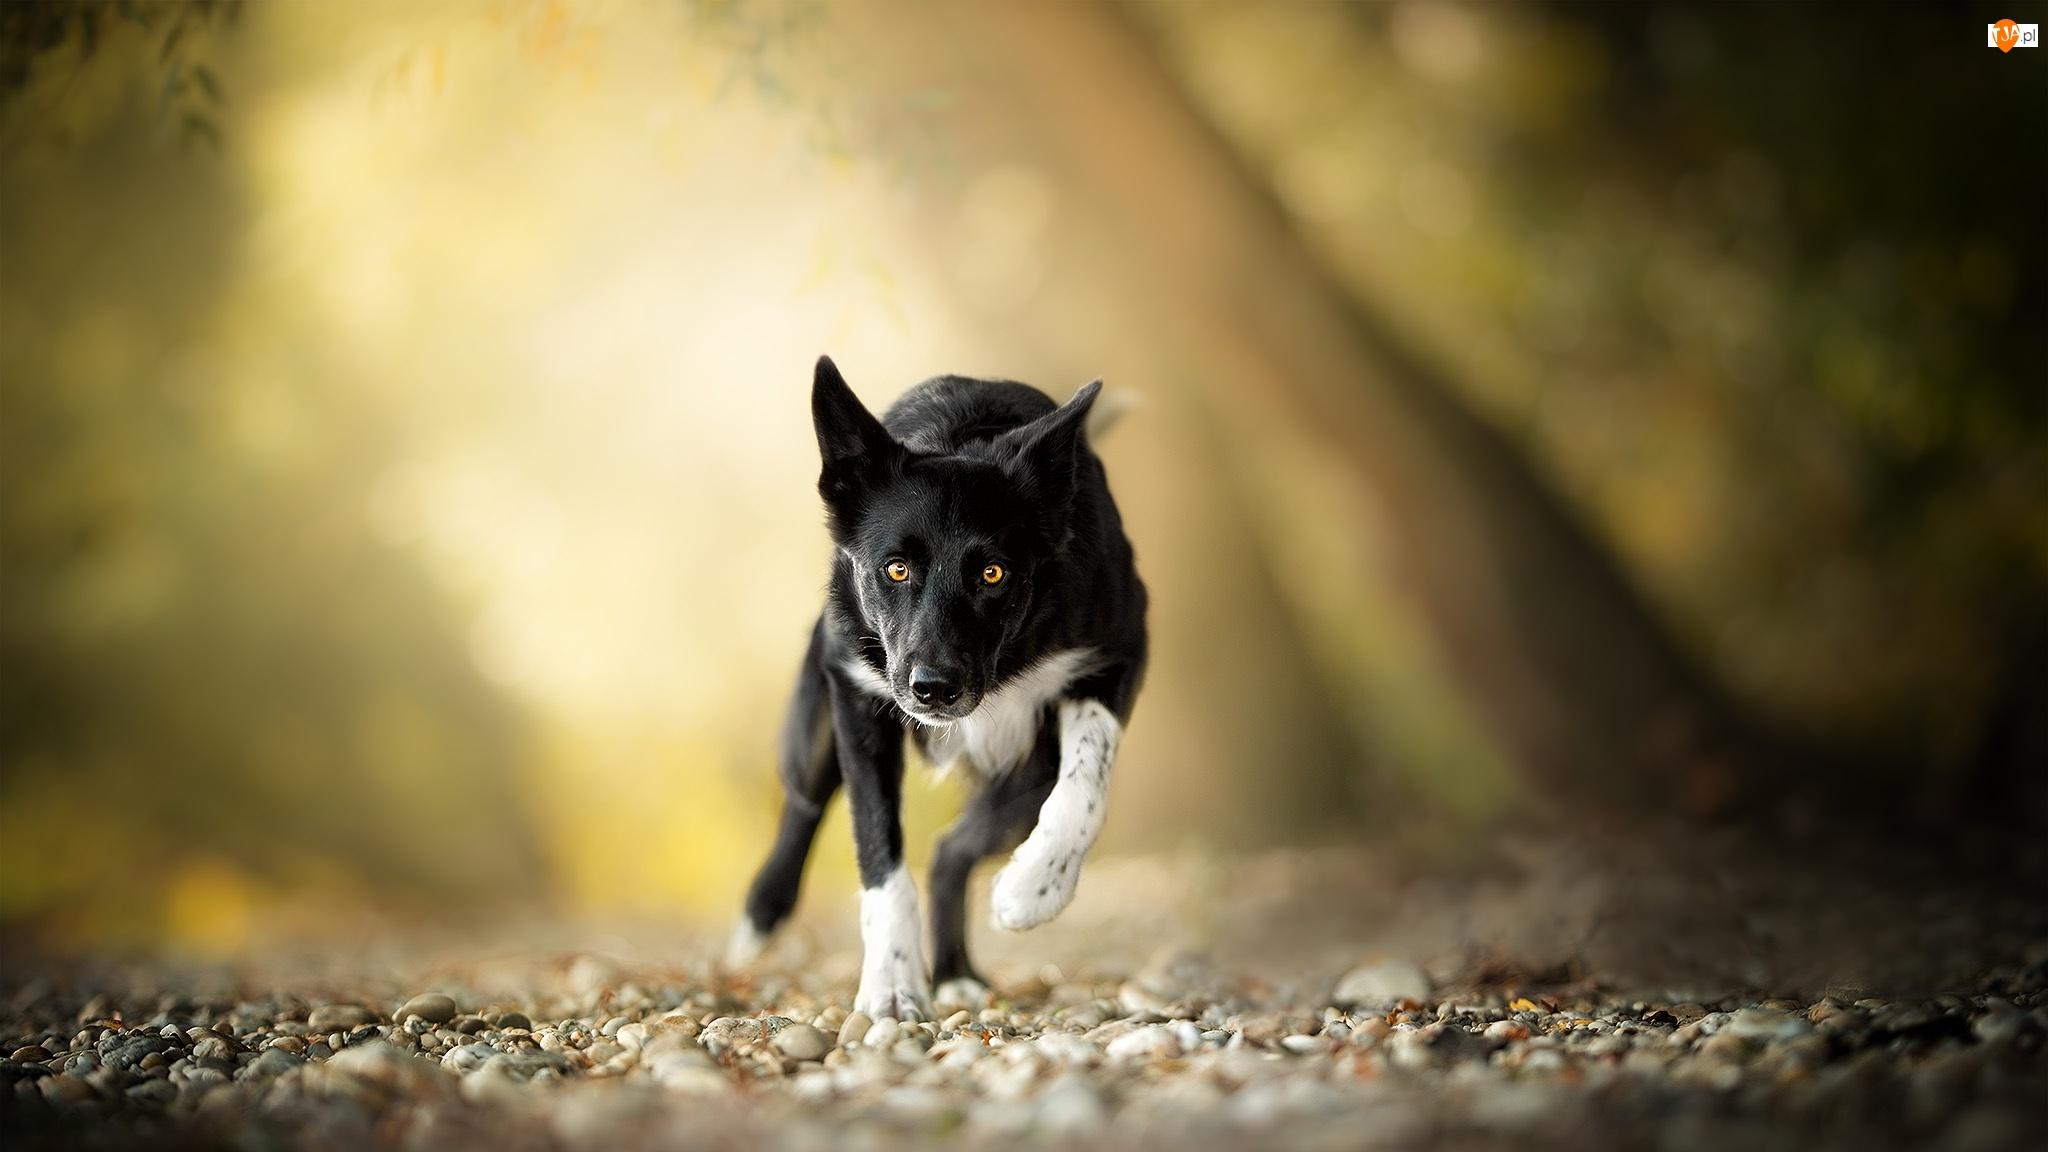 Biegnący, Pies, Kamienie, Tło, Border collie, Rozmyte